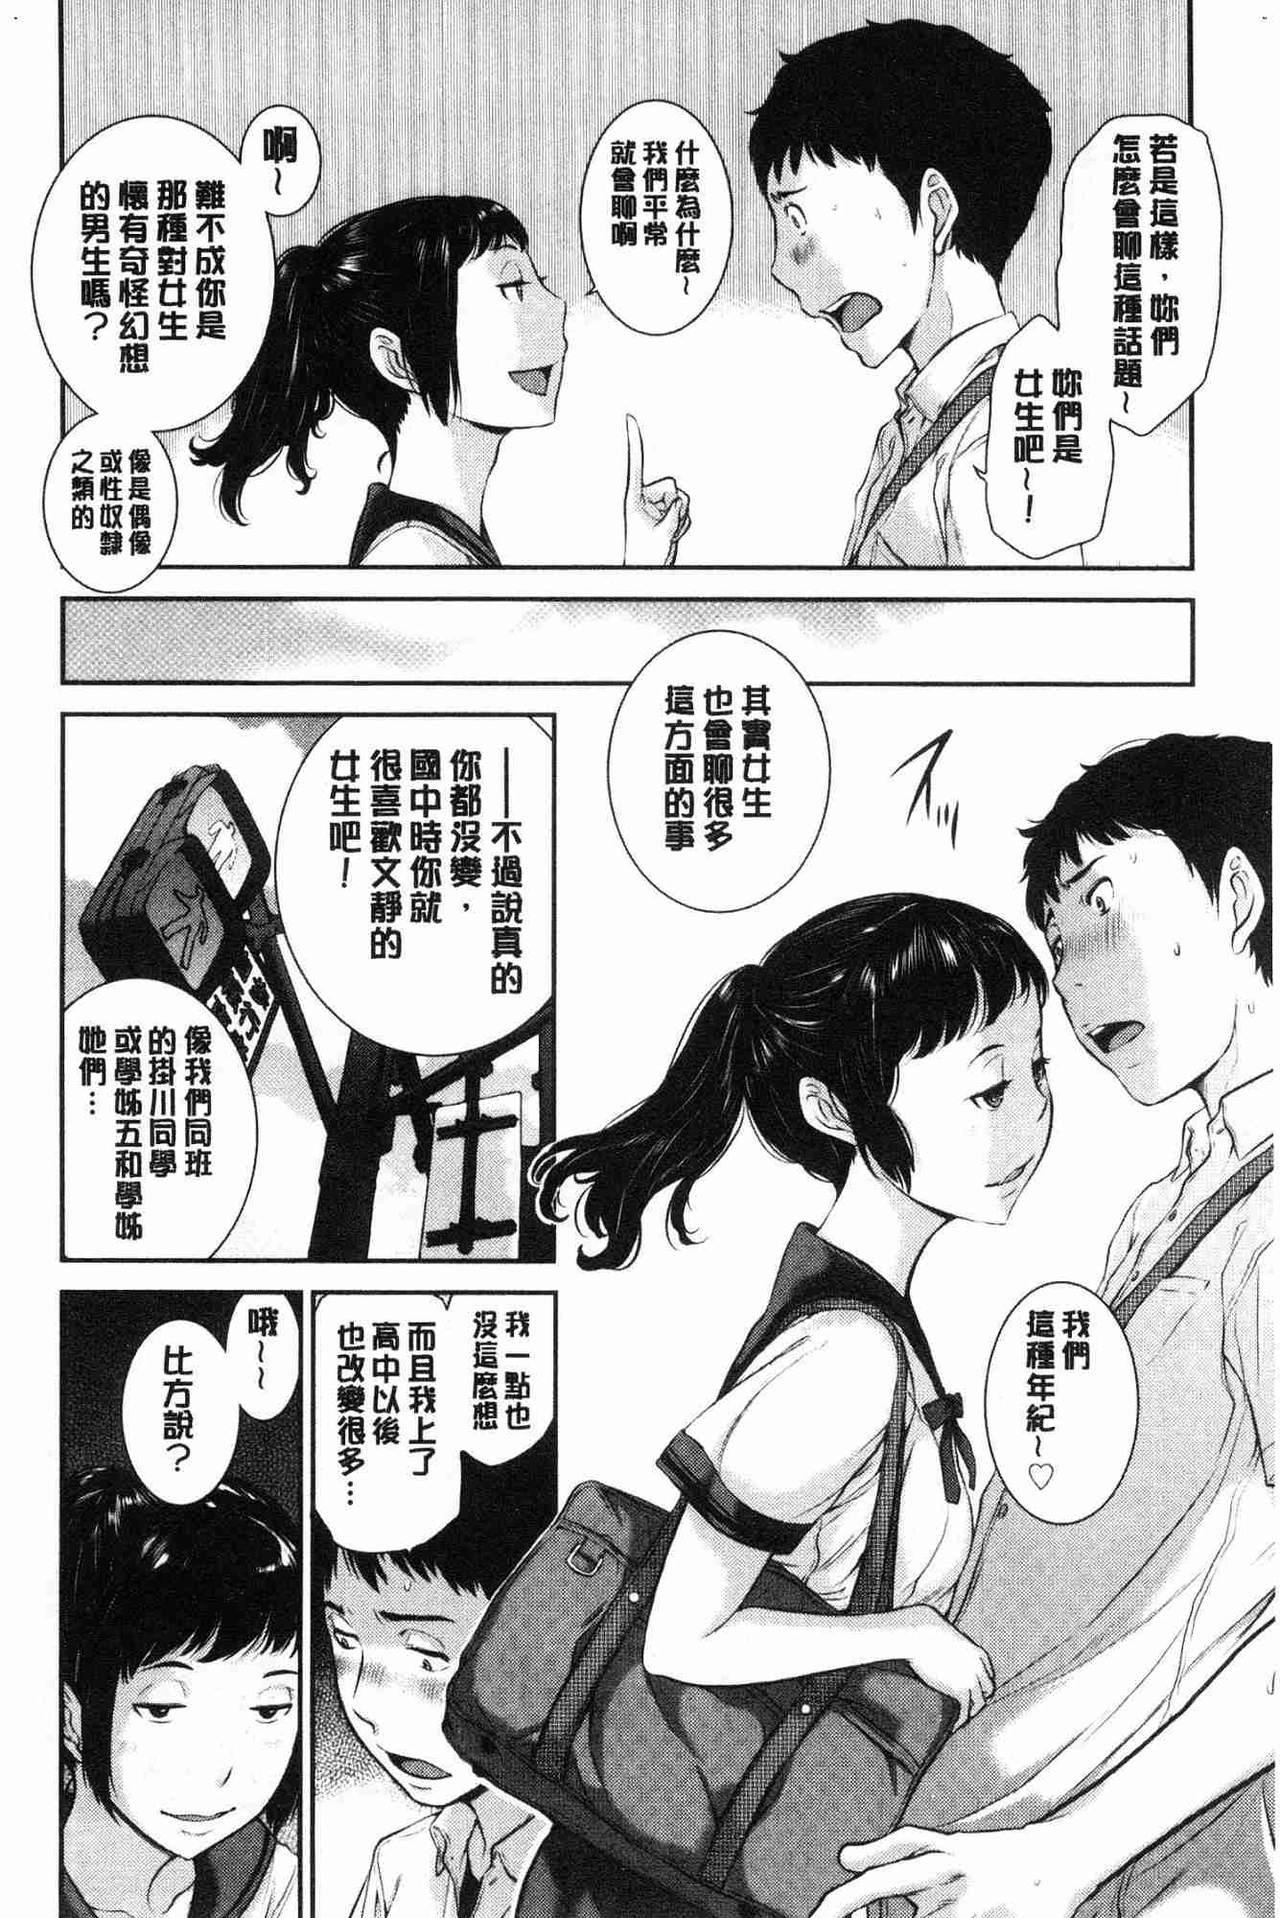 [Harazaki Takuma] Seifuku Shijou Shugi -Natsu- - Uniforms supremacy [Chinese] 62